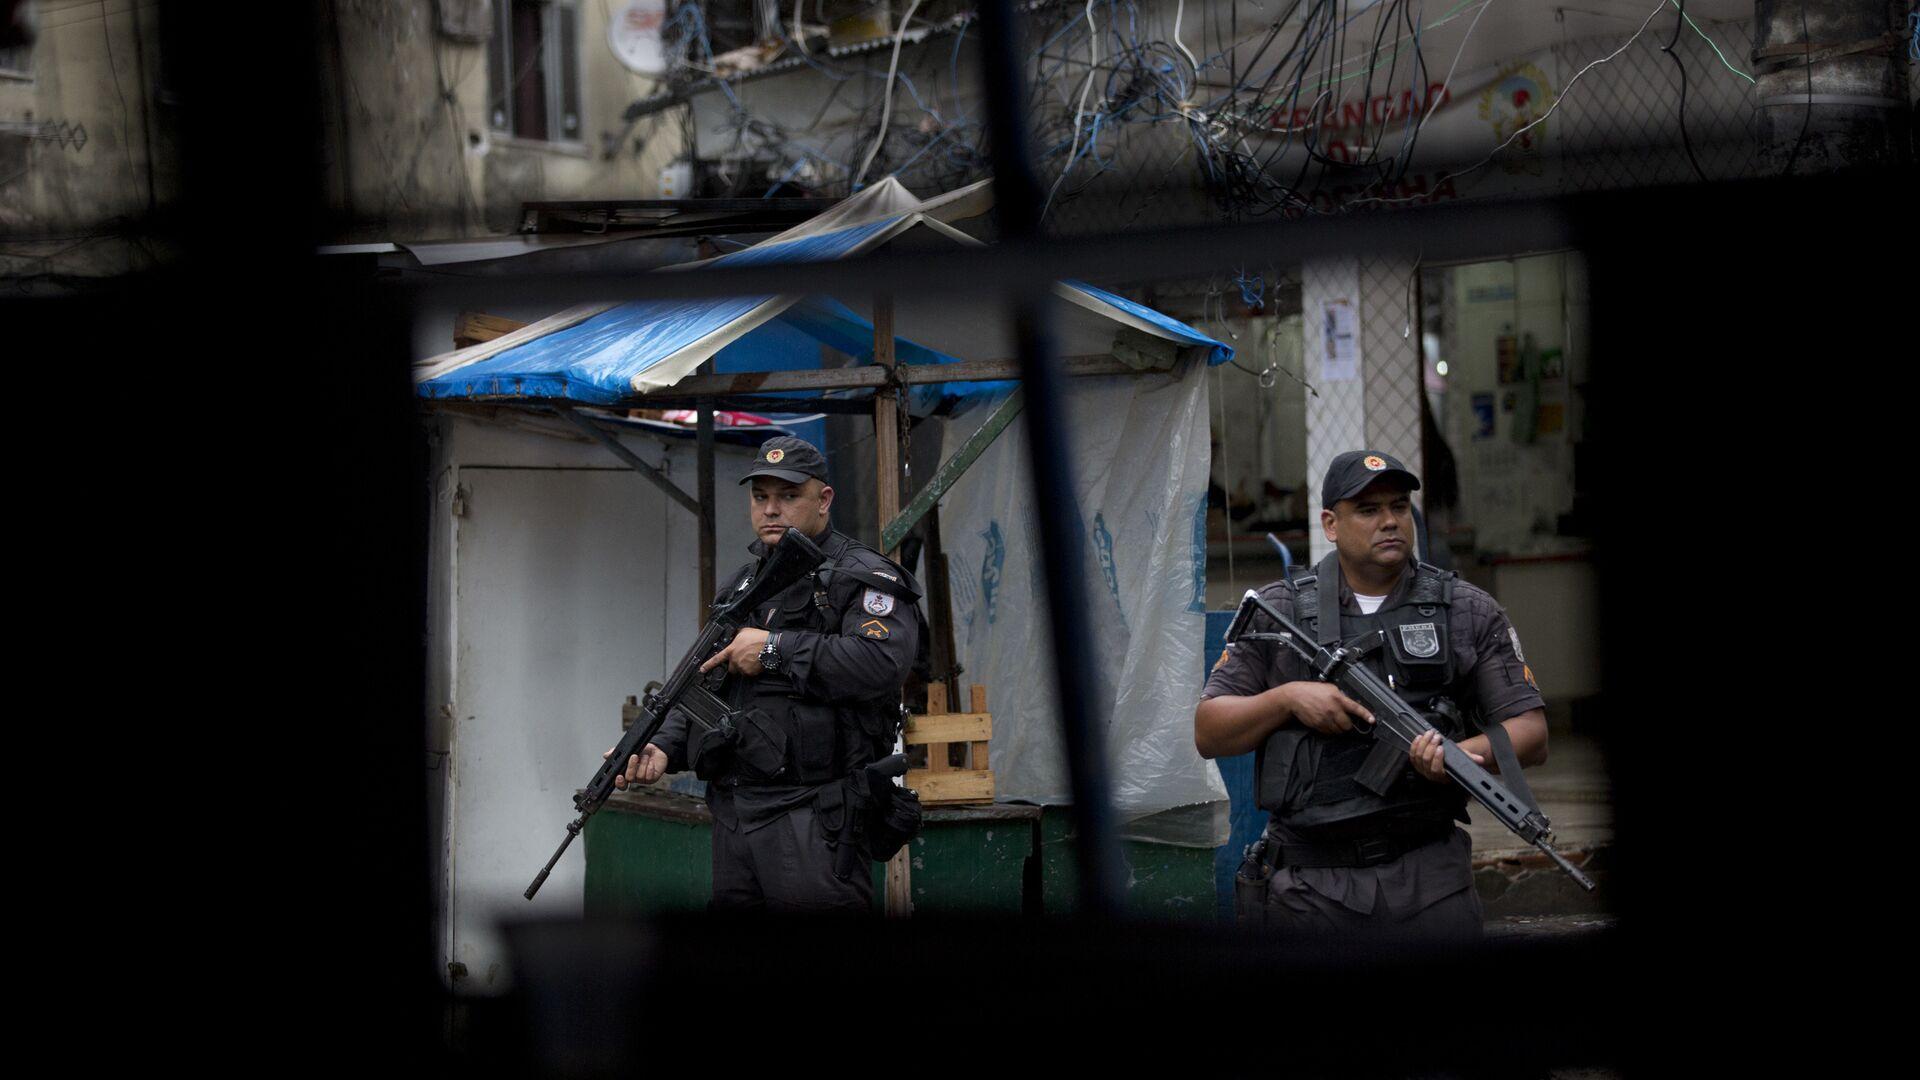 Policía militar brasileña en la favela Rocinha de Río de Janeiro - Sputnik Mundo, 1920, 18.06.2021